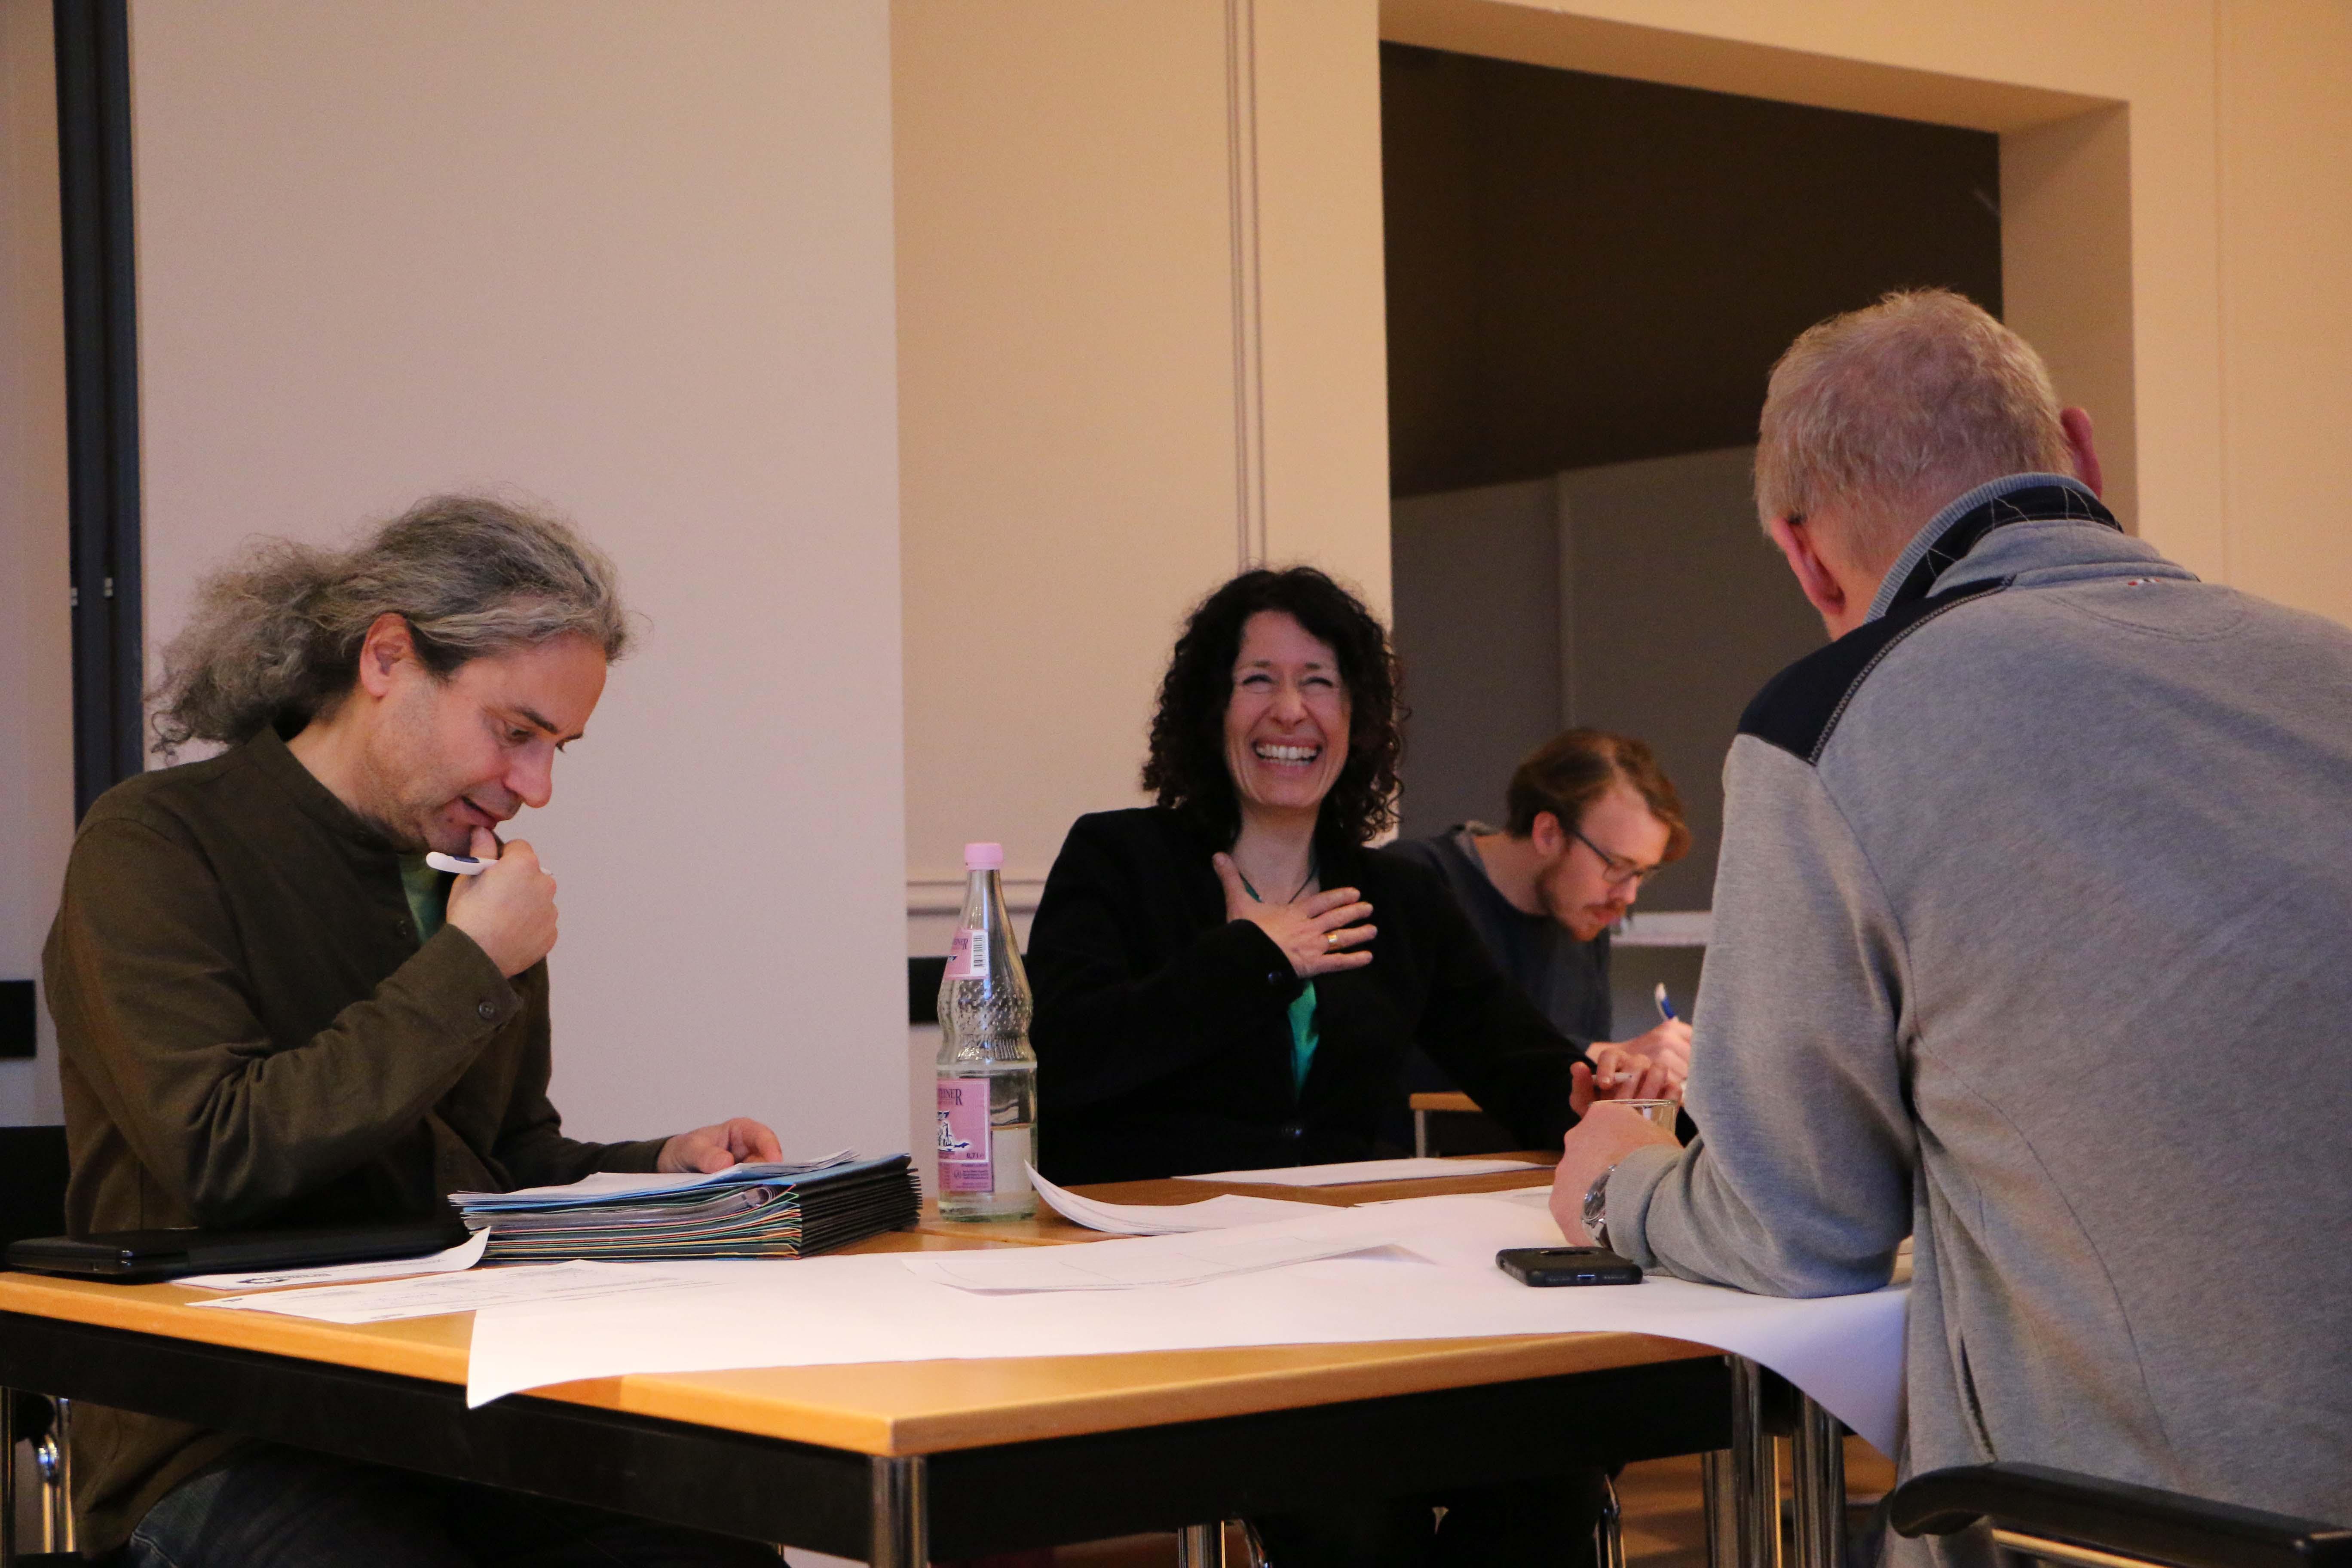 Turgut Altug, Bettina Jarasch und Olaf Reimann tauschen sich aus und stimmen sich gemeinsam mit der Fraktion auf das Jahr 2019 ein